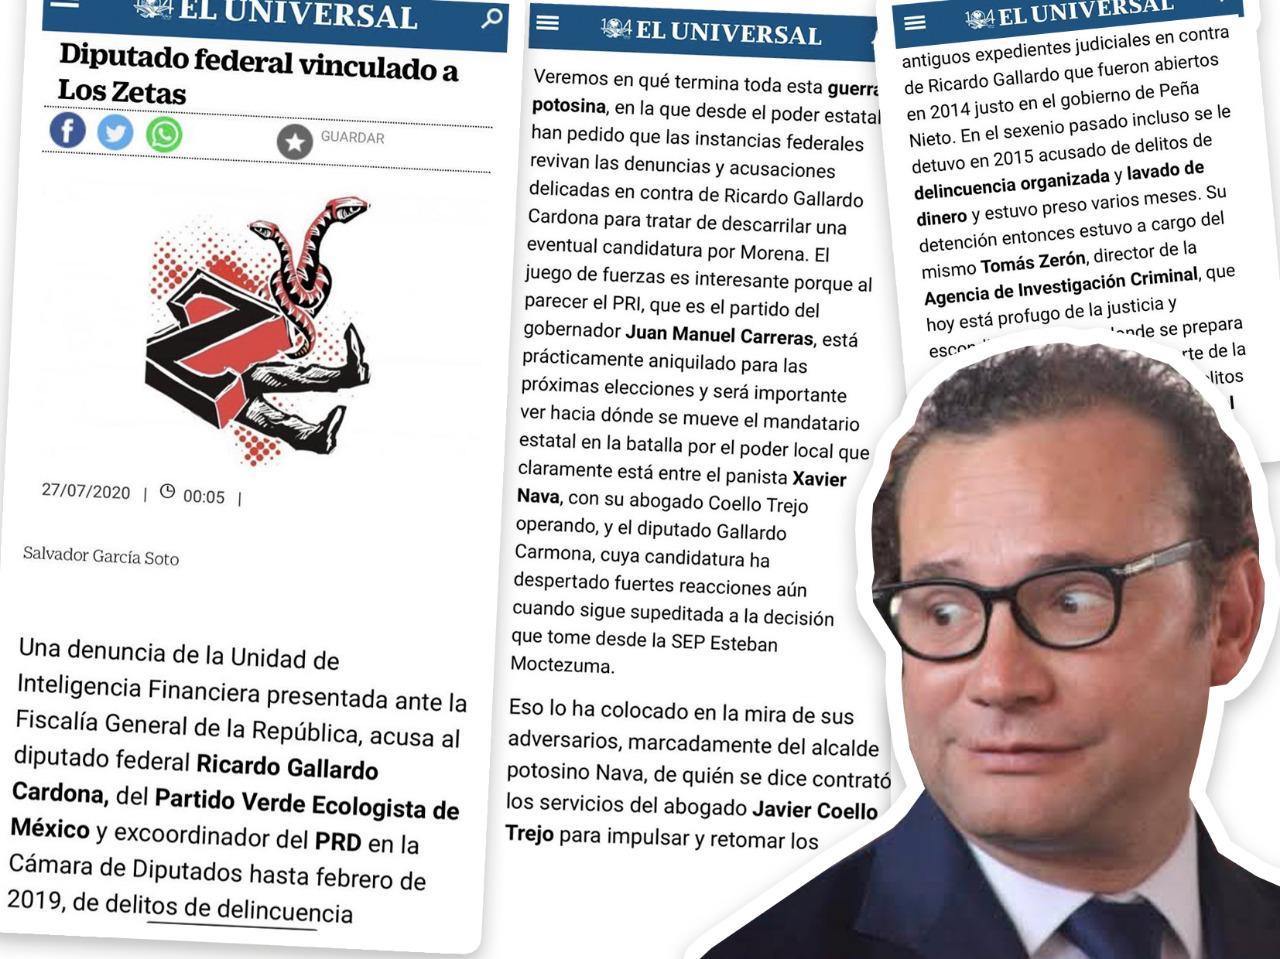 NAVA ORQUESTADOR DE CAMPAÑA NEGRA CONTRA GALLARDO REVELA COLUMNISTA DEL UNIVERSAL